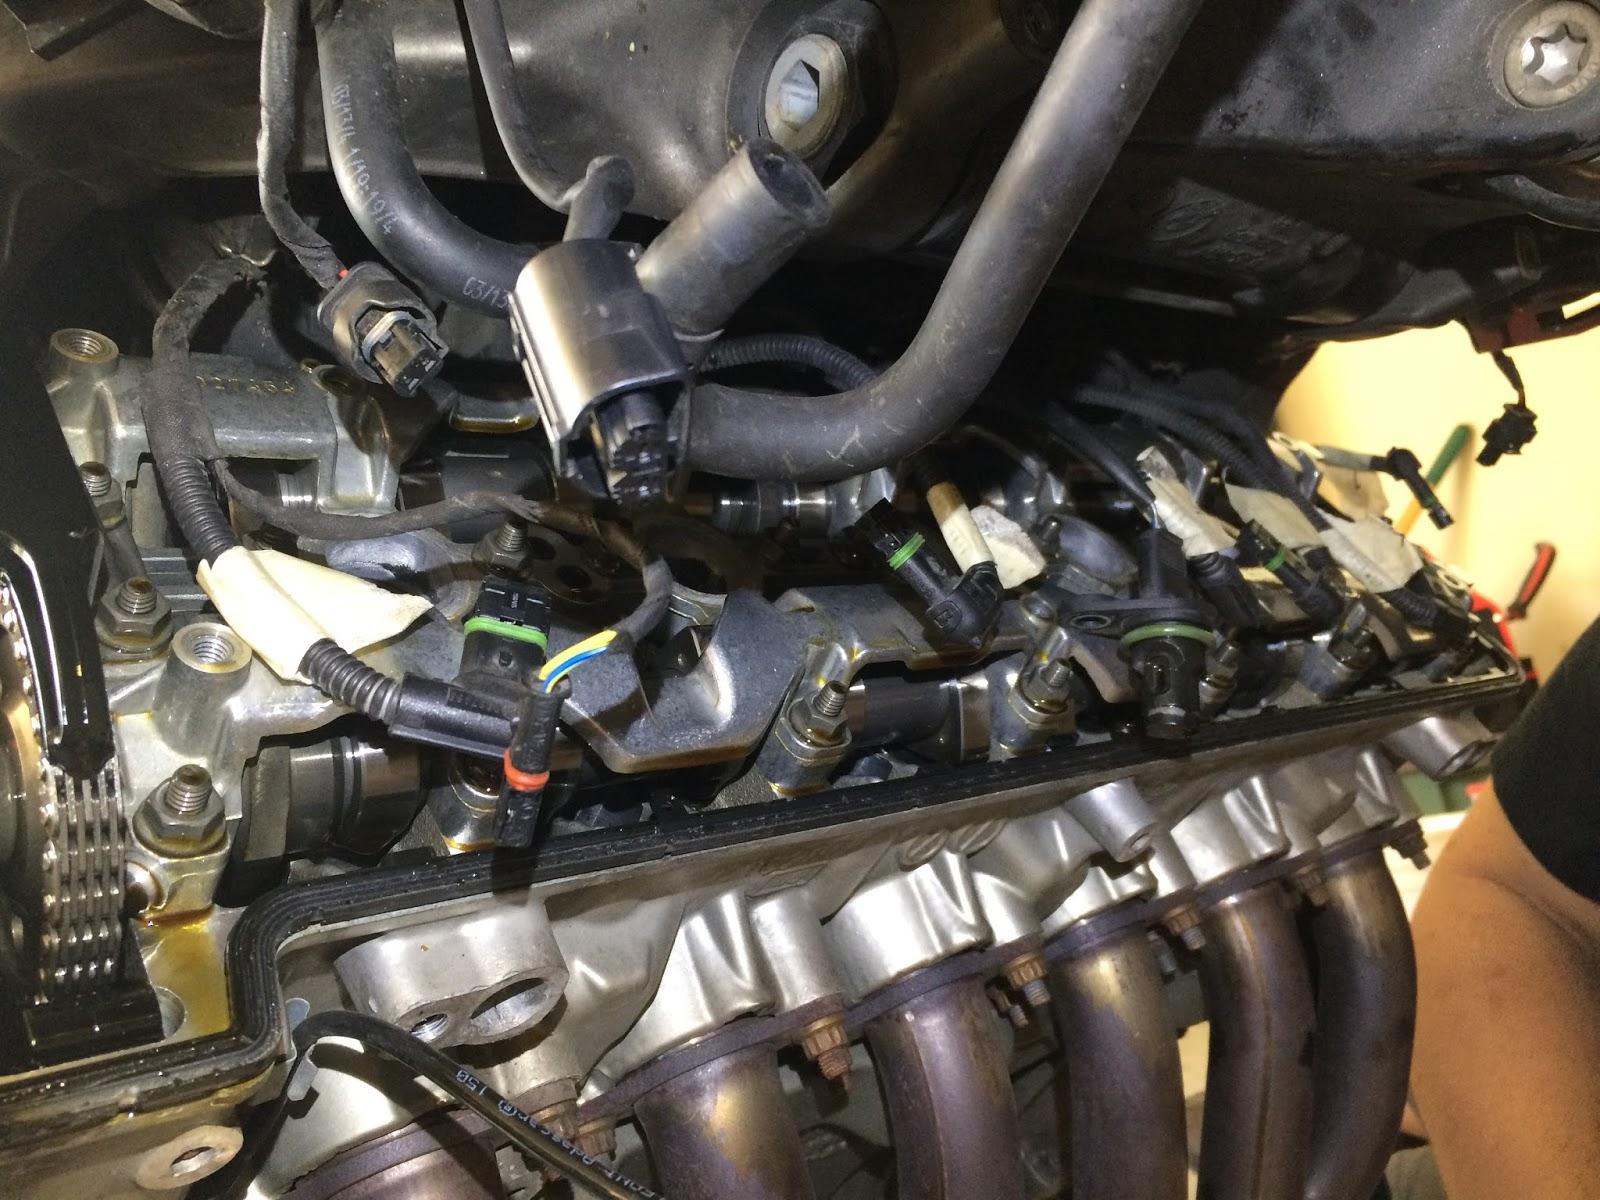 BMW K 1600 GT Blog: 48,000 mile service